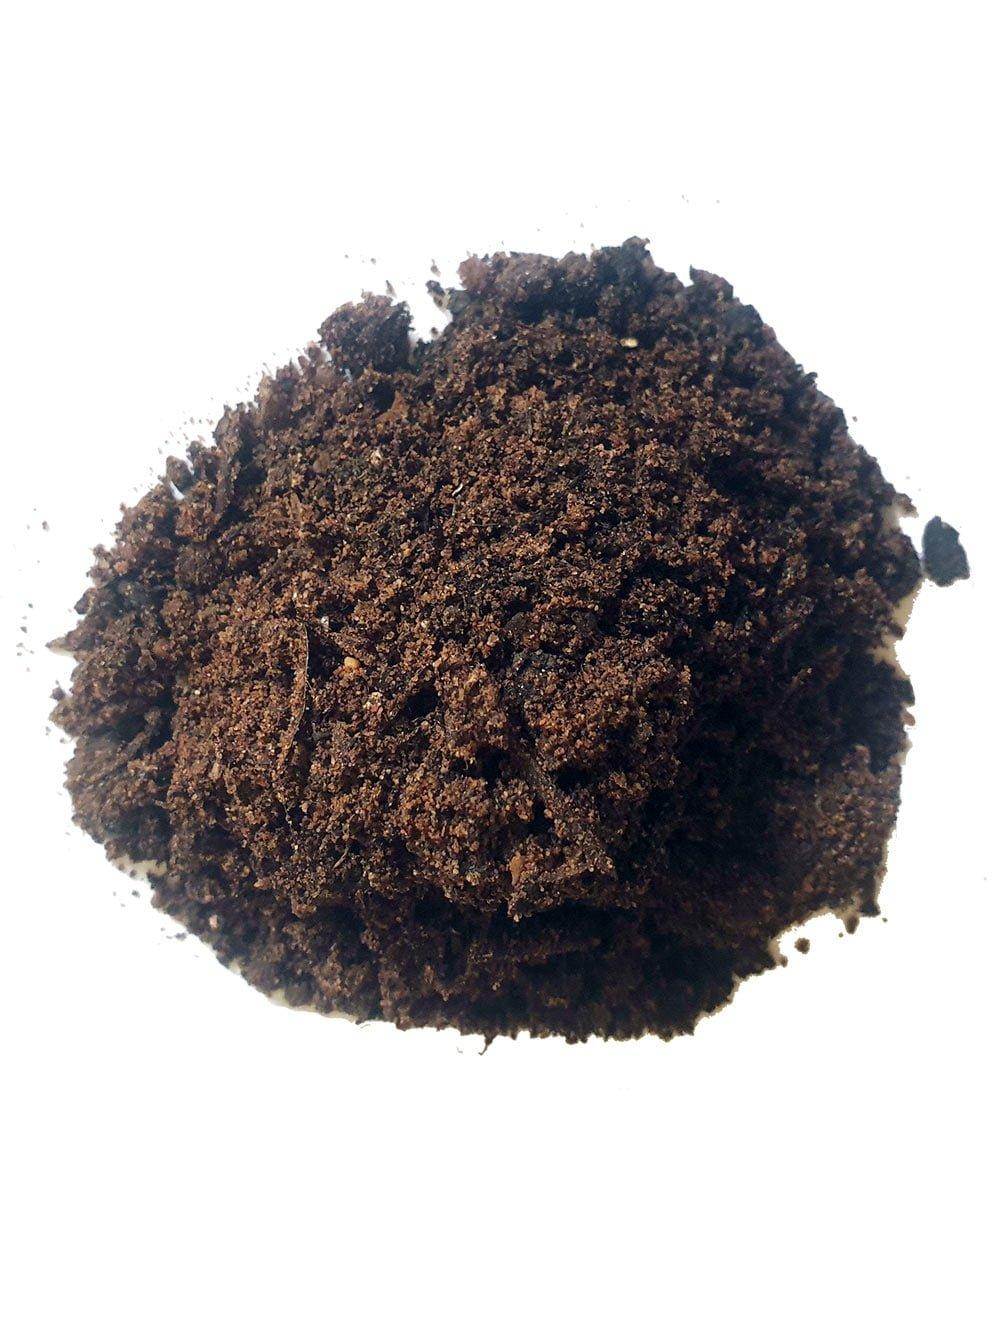 carot mix topsoil